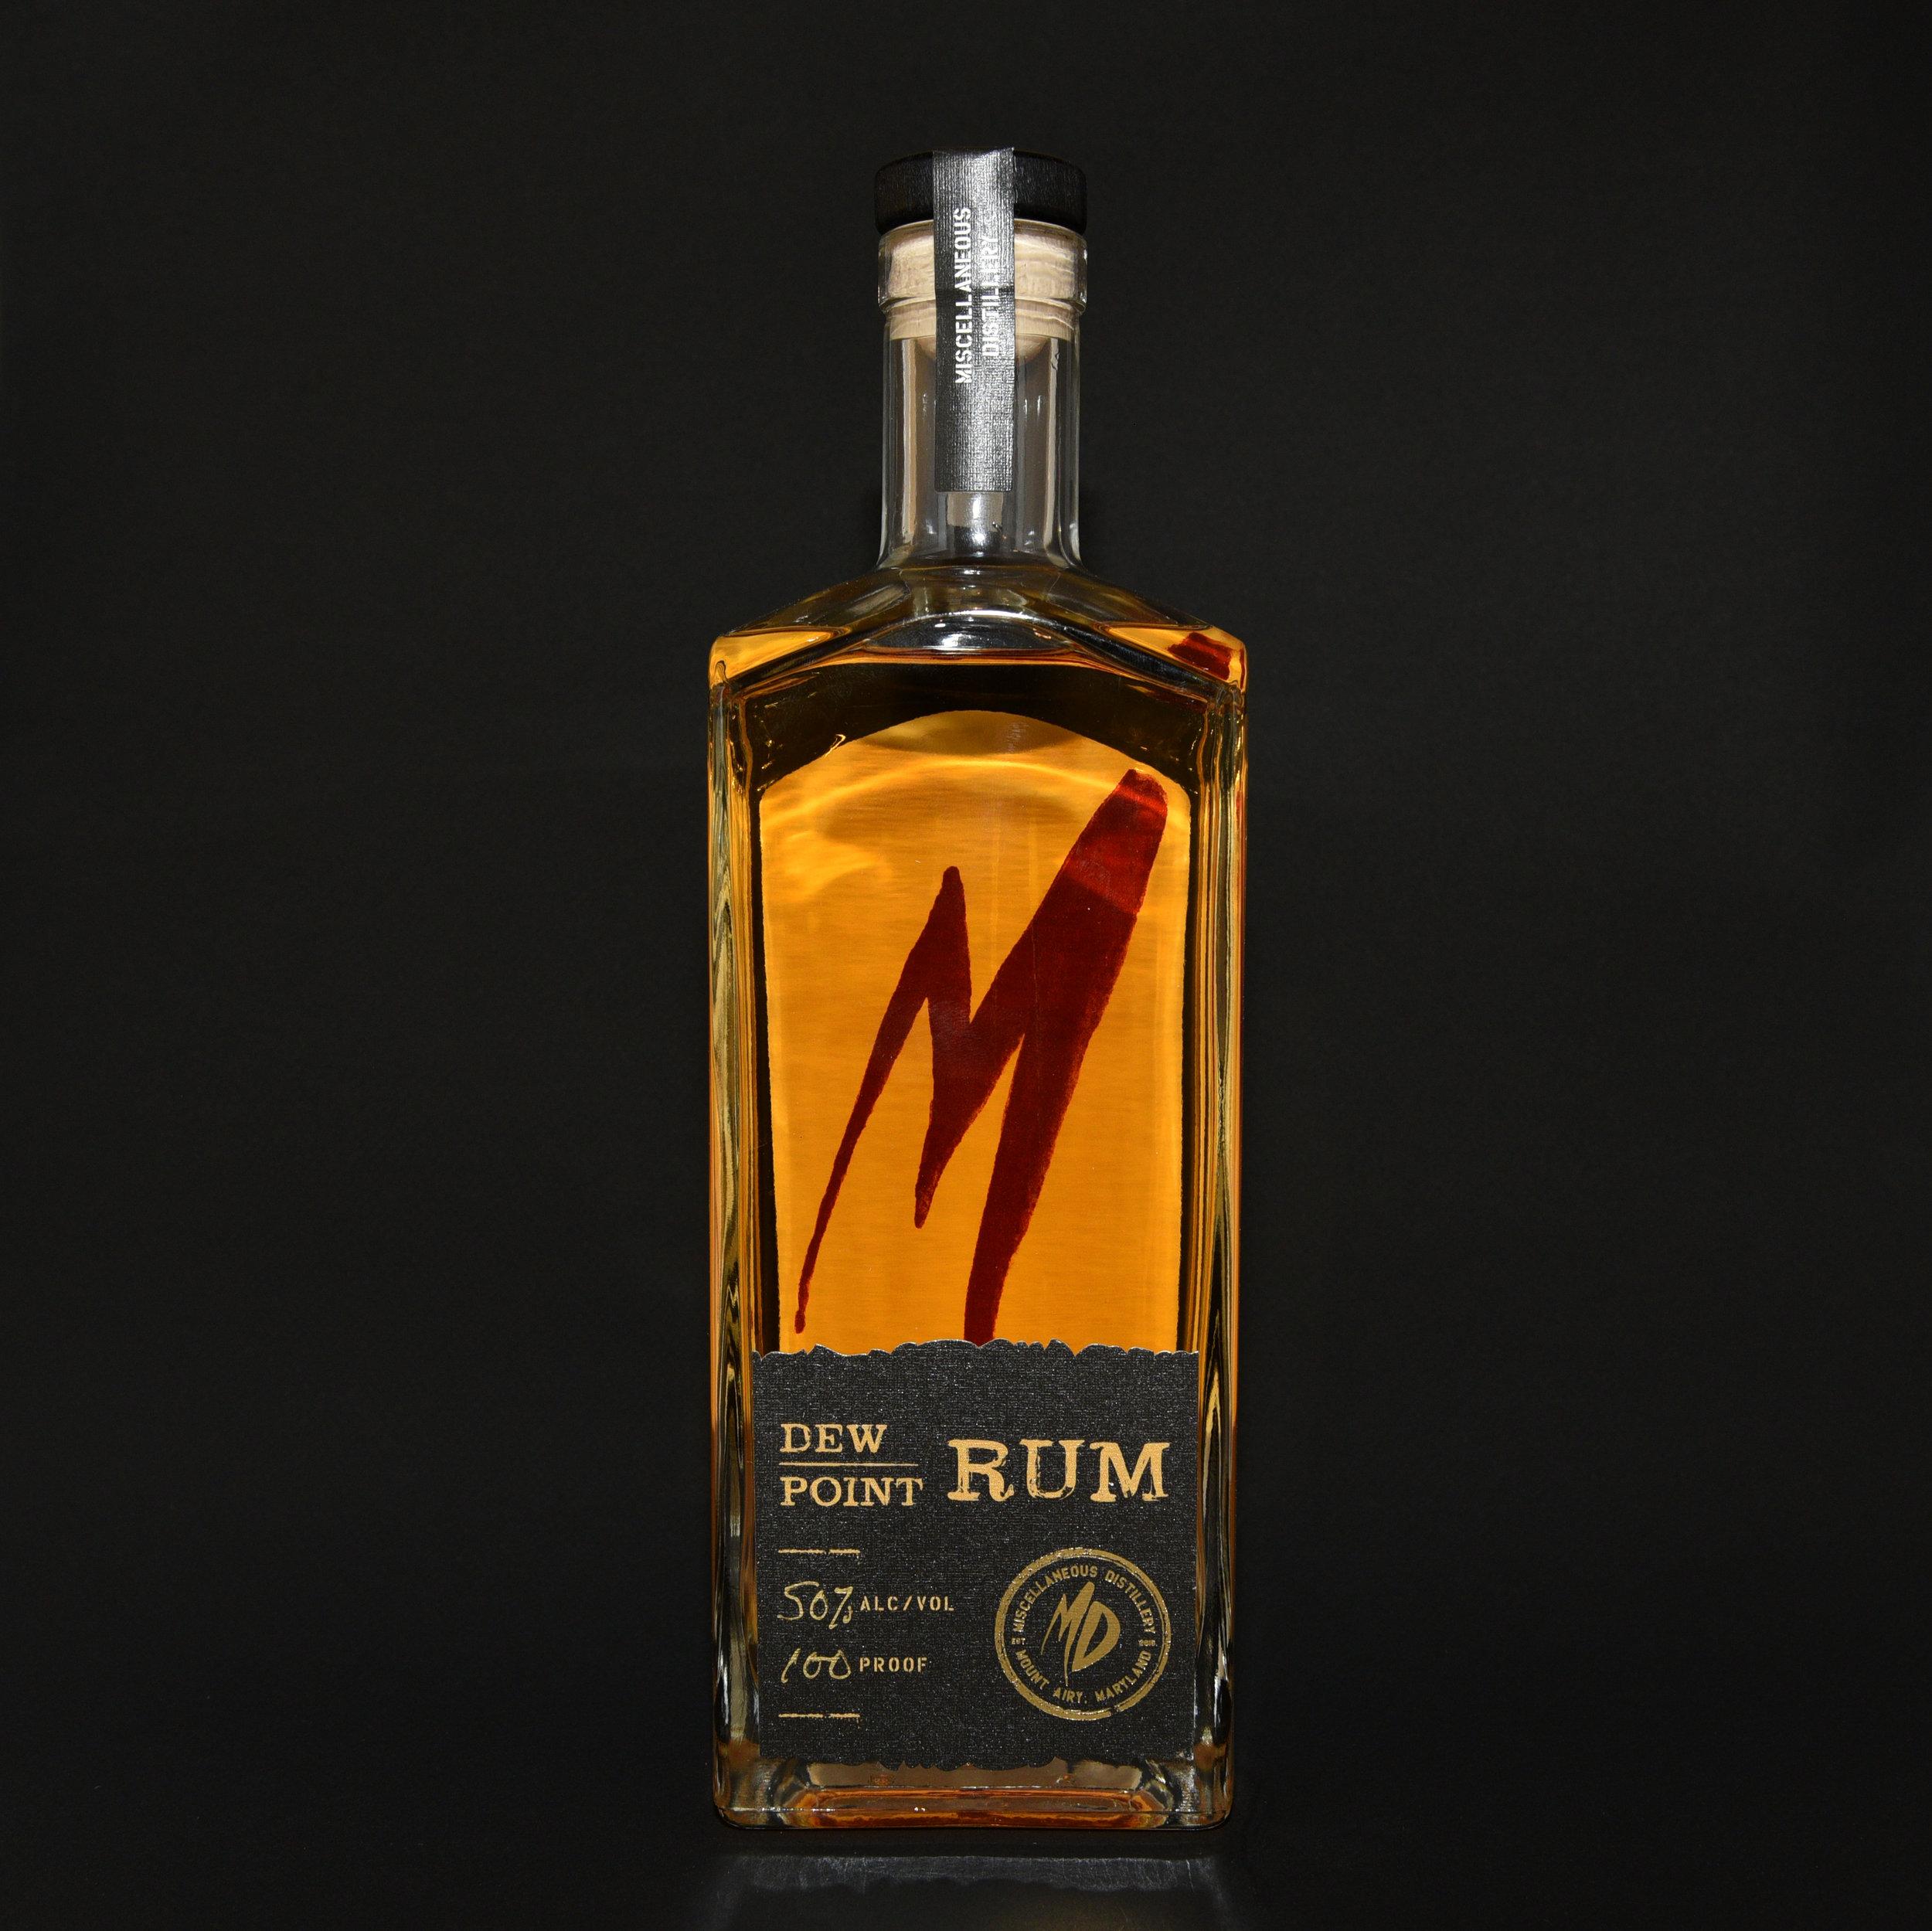 MISC_Dew Point Rum_black_bgkd.jpg